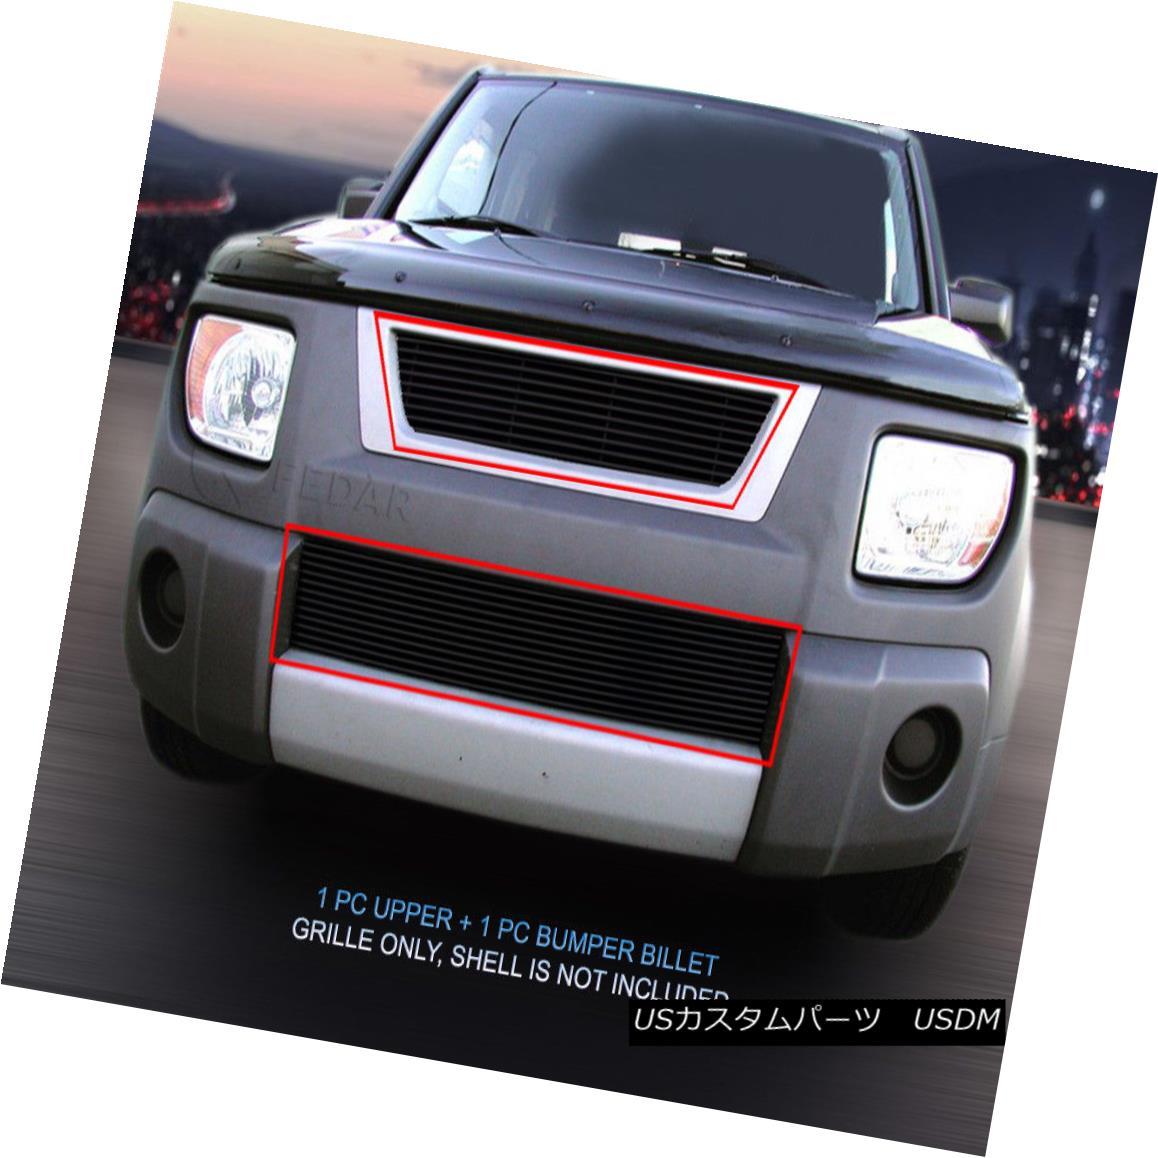 グリル Fits 03-06 Honda Element Black Billet Grille Grill Combo Insert フィット03-06ホンダエレメントブラックビレットグリルグリルコンボインサート